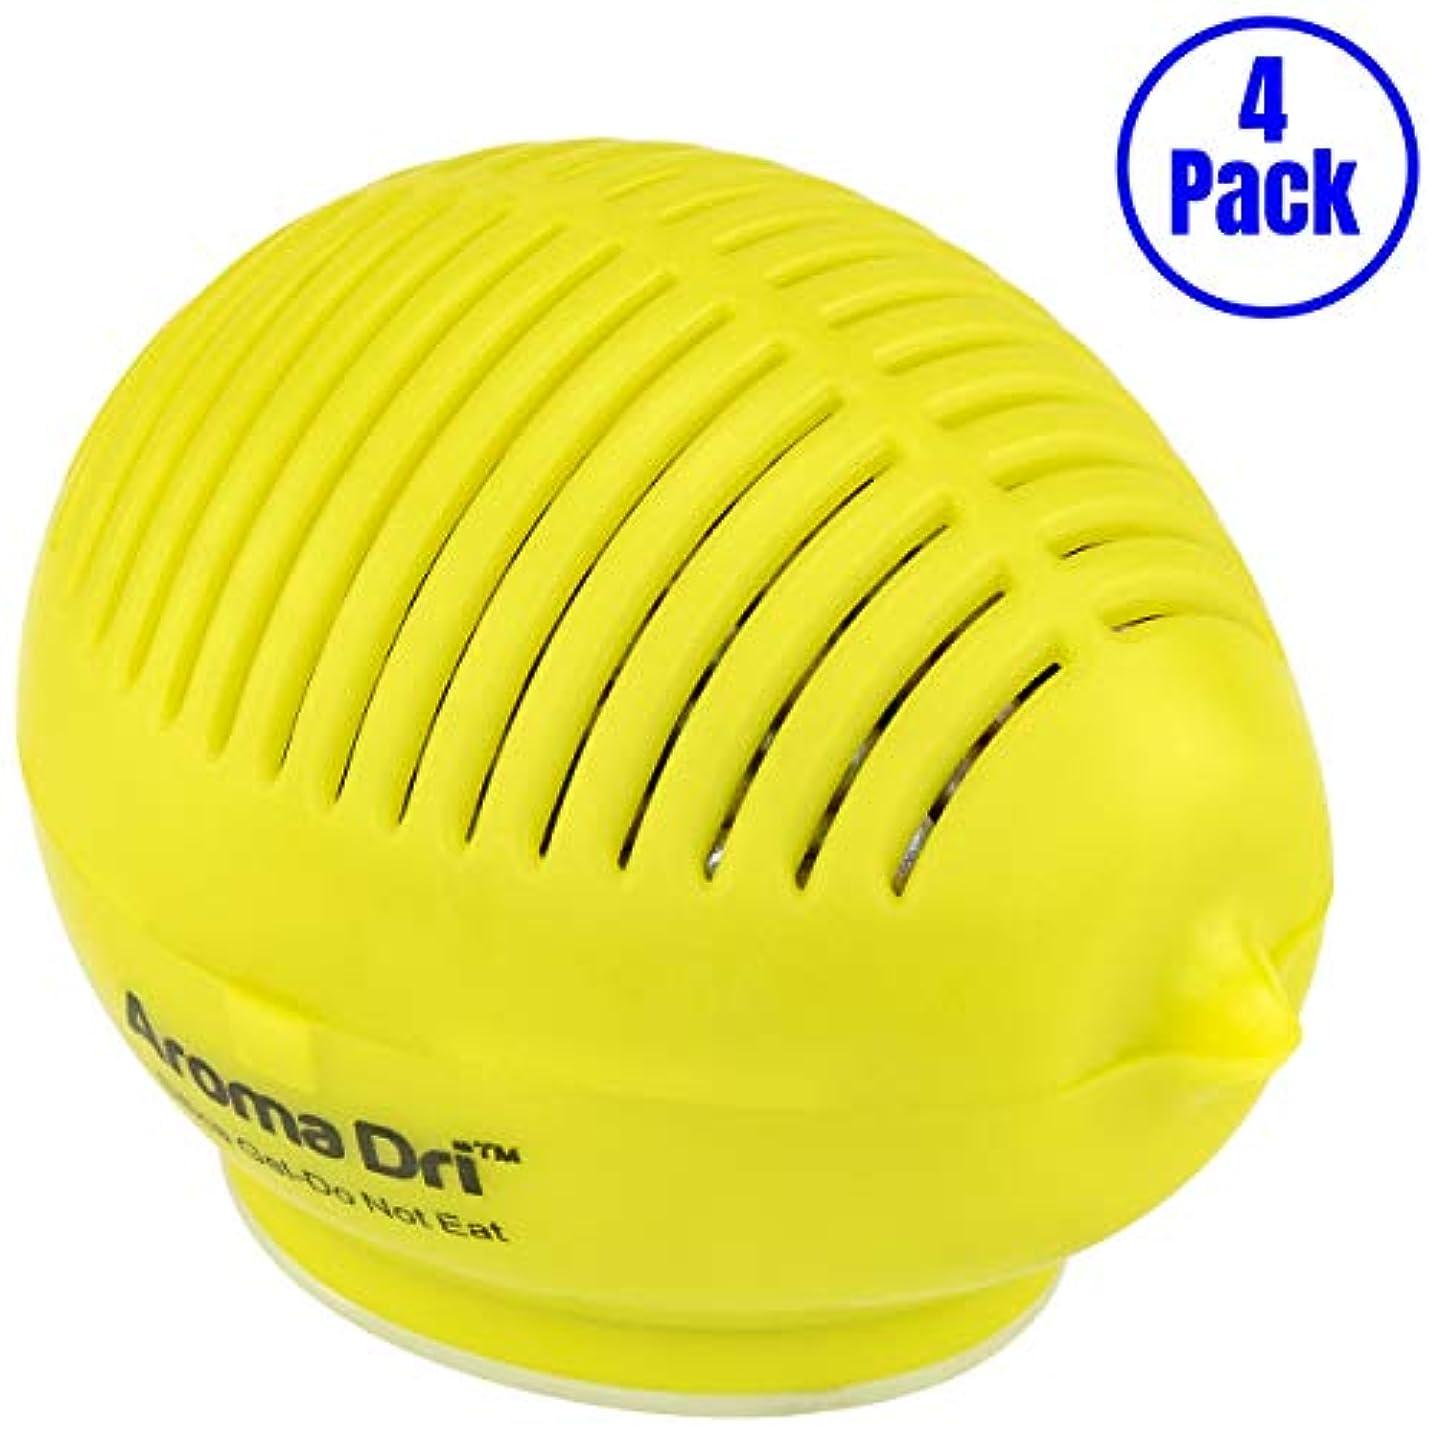 組み込むホラー背が高いAroma Dri 50gm ラベンダーの香り シリカゲルレモン容器 4-Pack LEMON50LAVENDER-4PK